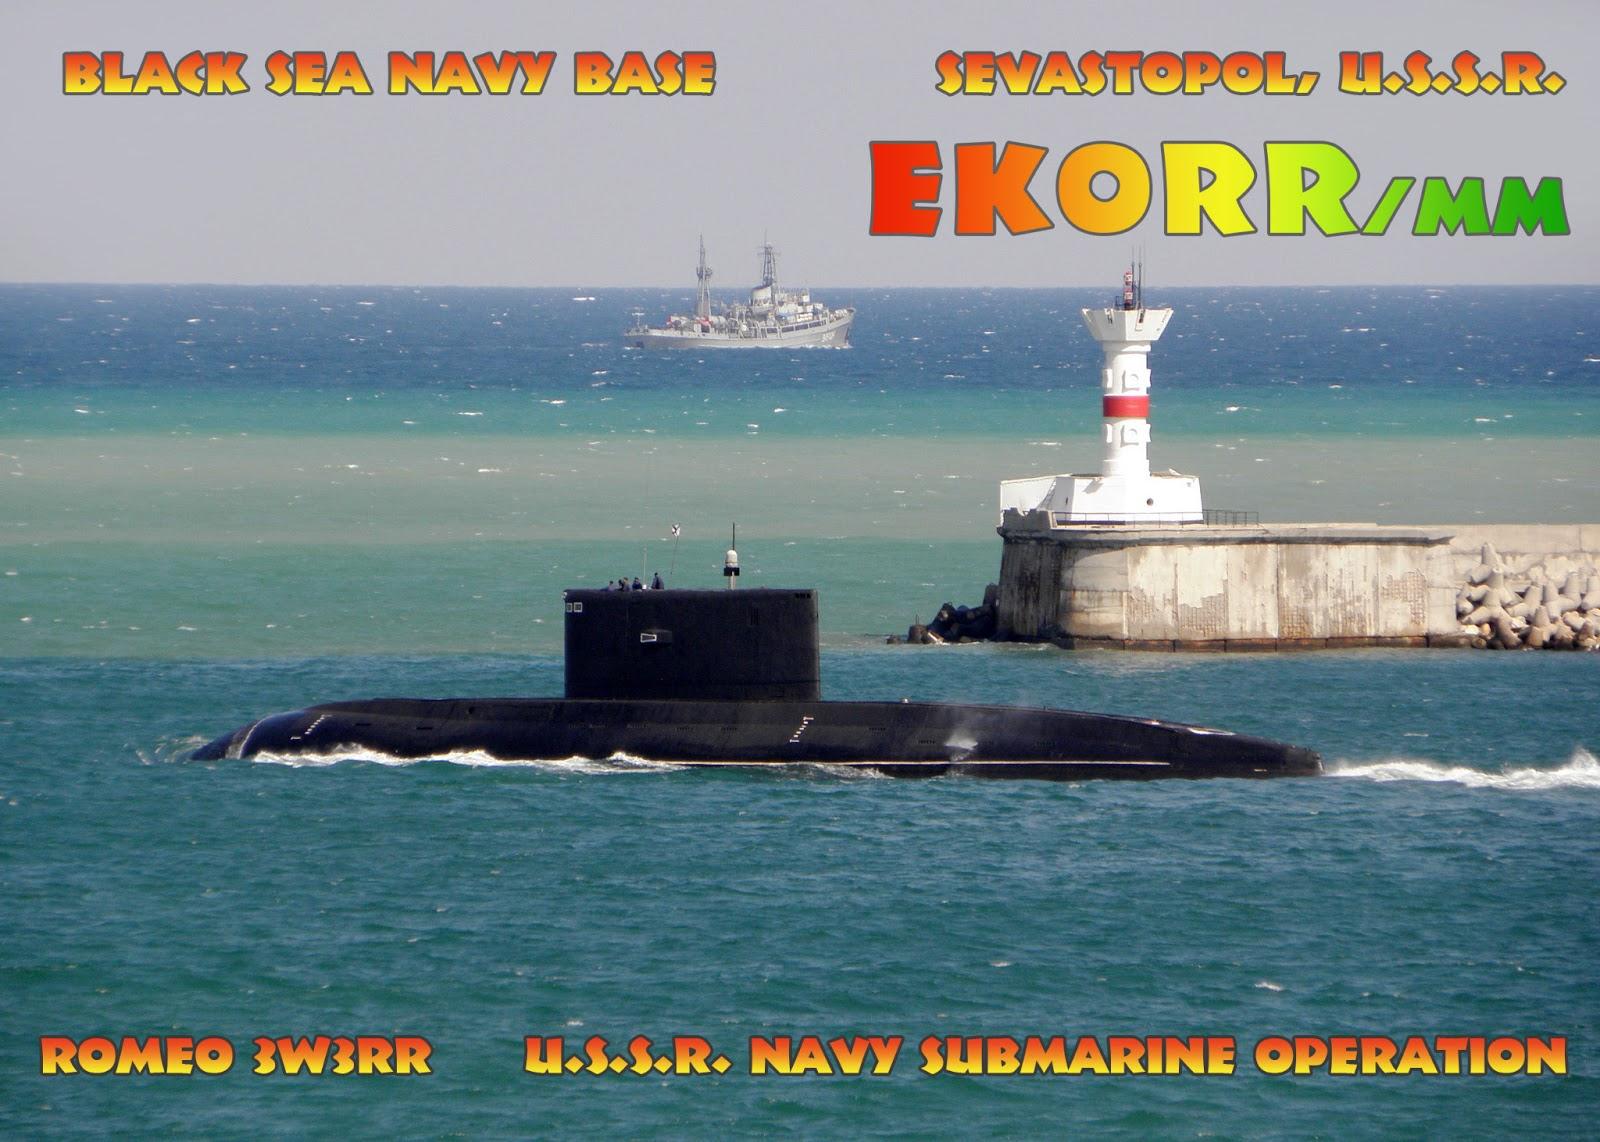 http://www.3w3rr.ru/2012/09/EK0RR-mm.html